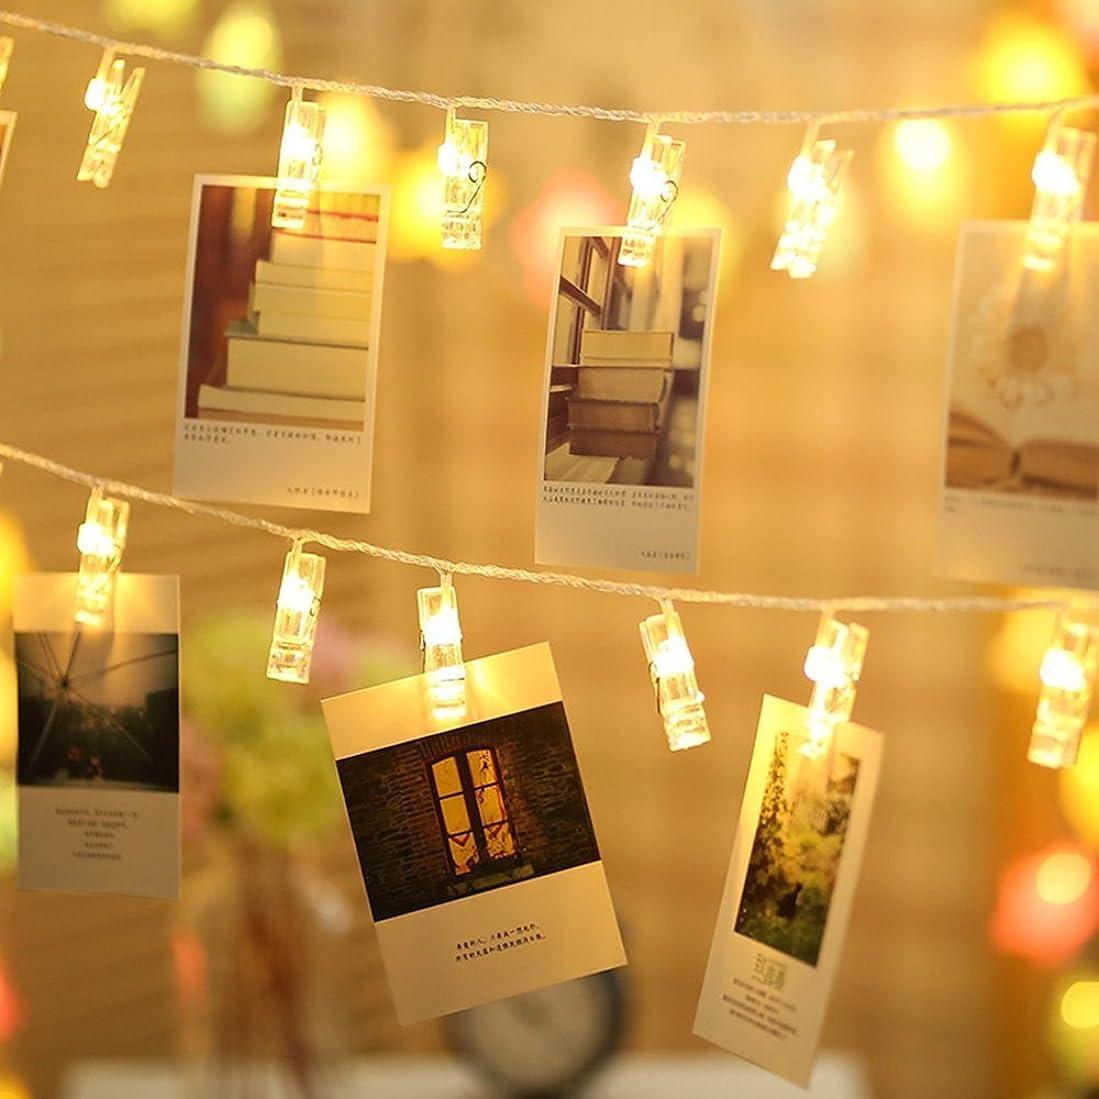 温室櫛歌TECKEPIC LEDストリングライト 20LED写真/絵クリップ DIY吊り下げる飾り 2.2M イルミネーションライト 電池駆動式 クリスマス/新年/結婚式/誕生日/パーティー (ウォームホワイト)